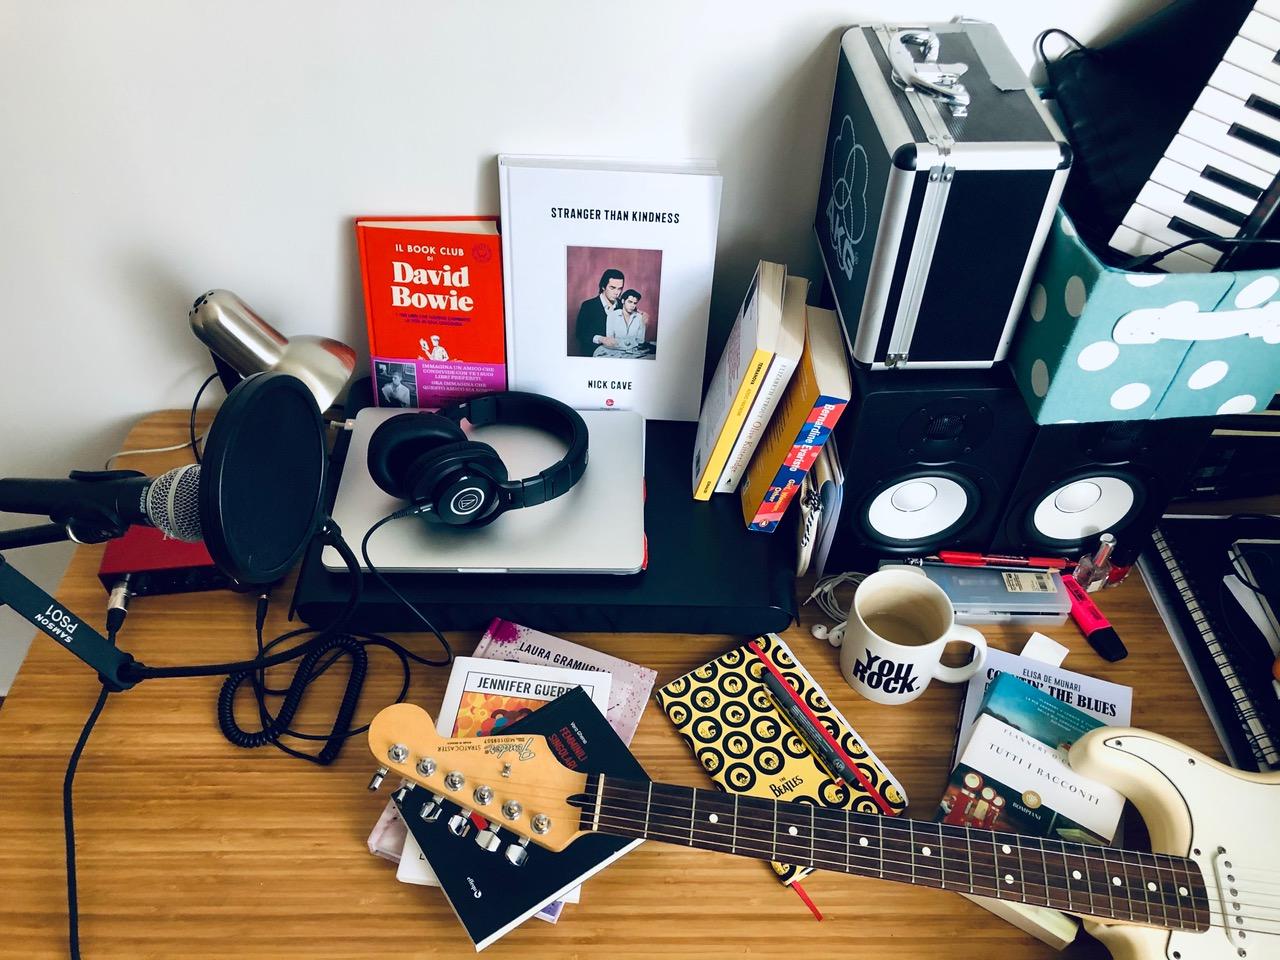 Laura Gramuglia e il podcast Rocket Girls, per raccontare le donne della musica